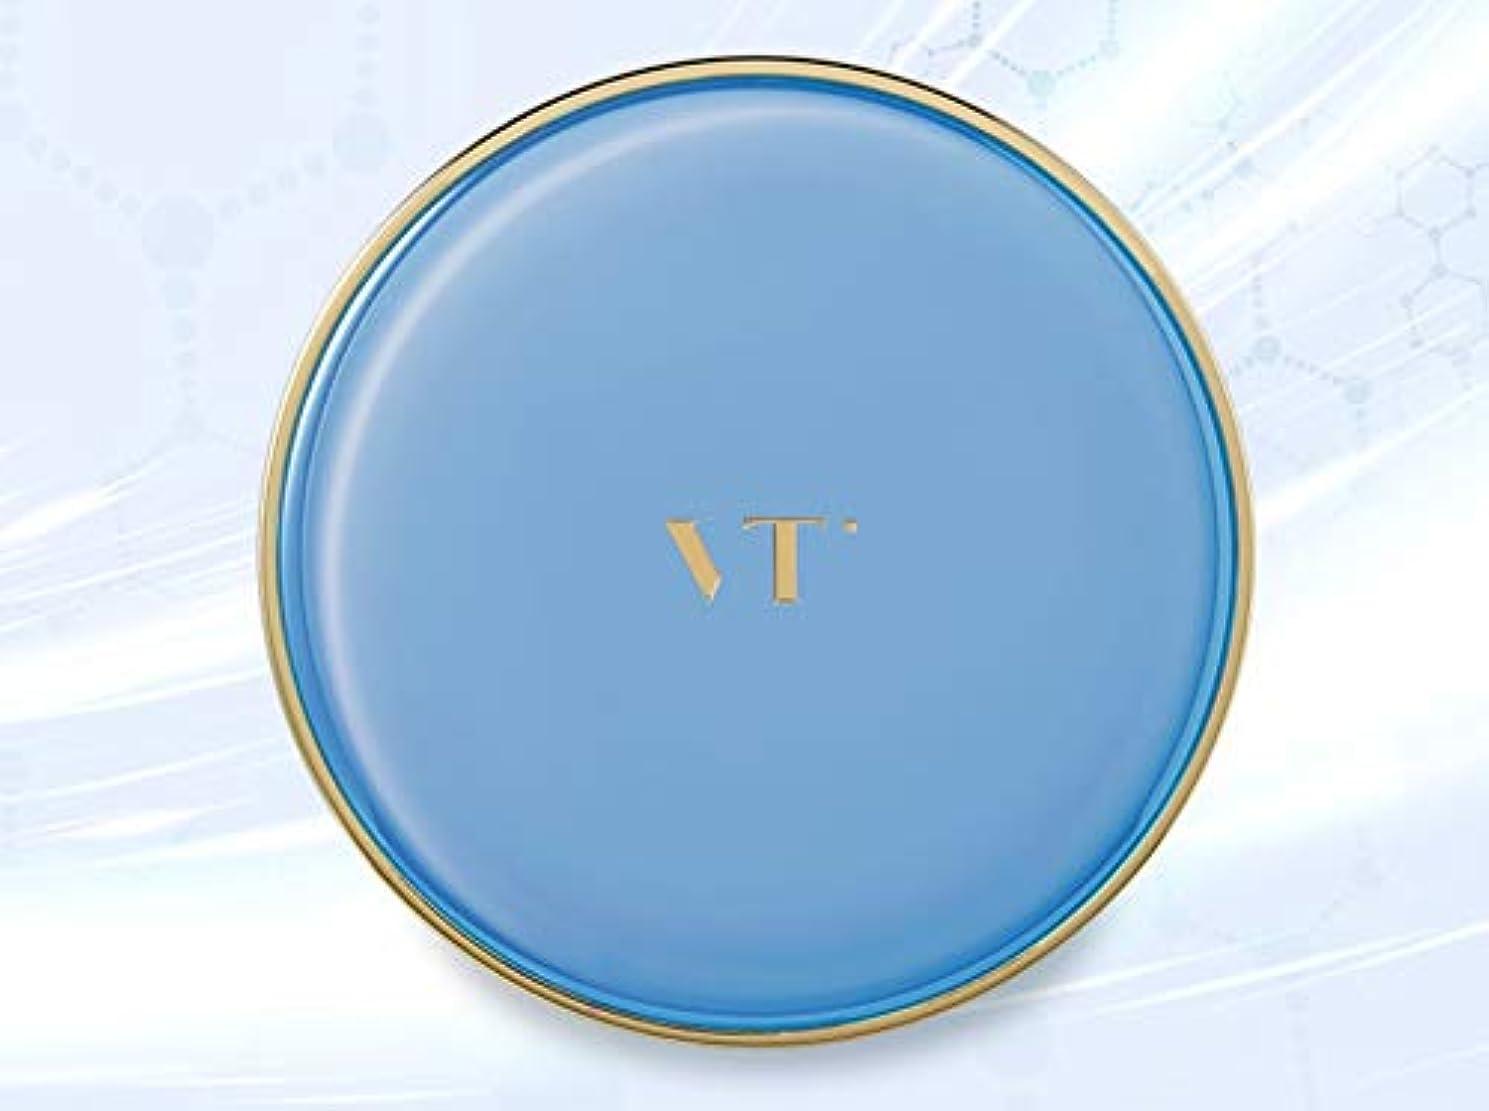 本会議強い似ているVT ブルービタコラーゲンファクト SPF50+ PA+++ 11g / VT BLUE VITA COLLAGEN PACT 0.38 OZ [並行輸入品]